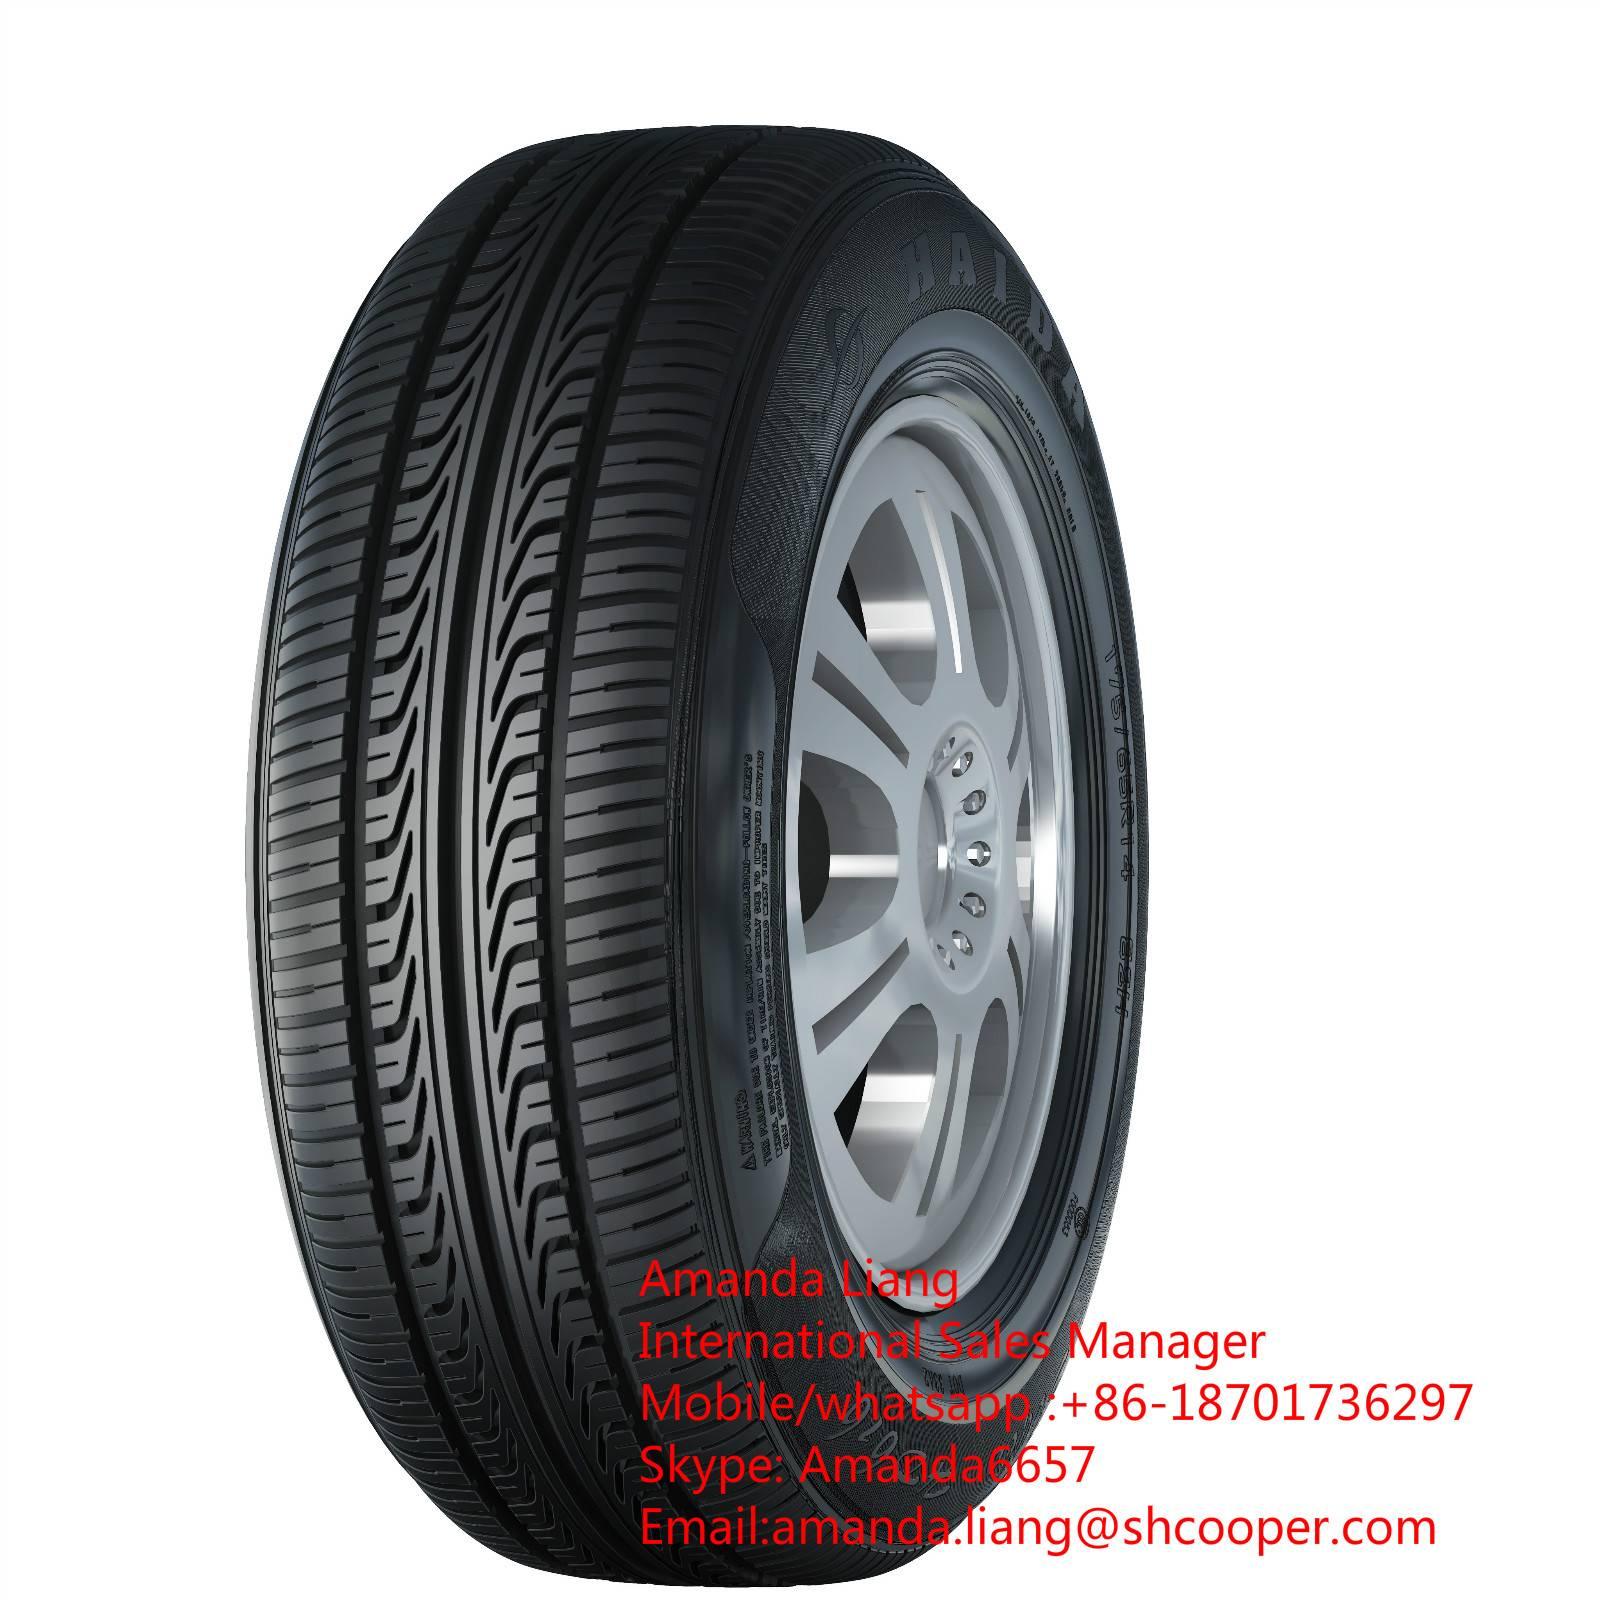 Lanvigator / Haida/ Double Coin/ Sanli PCR Radial Car Tyres (245/70R16)